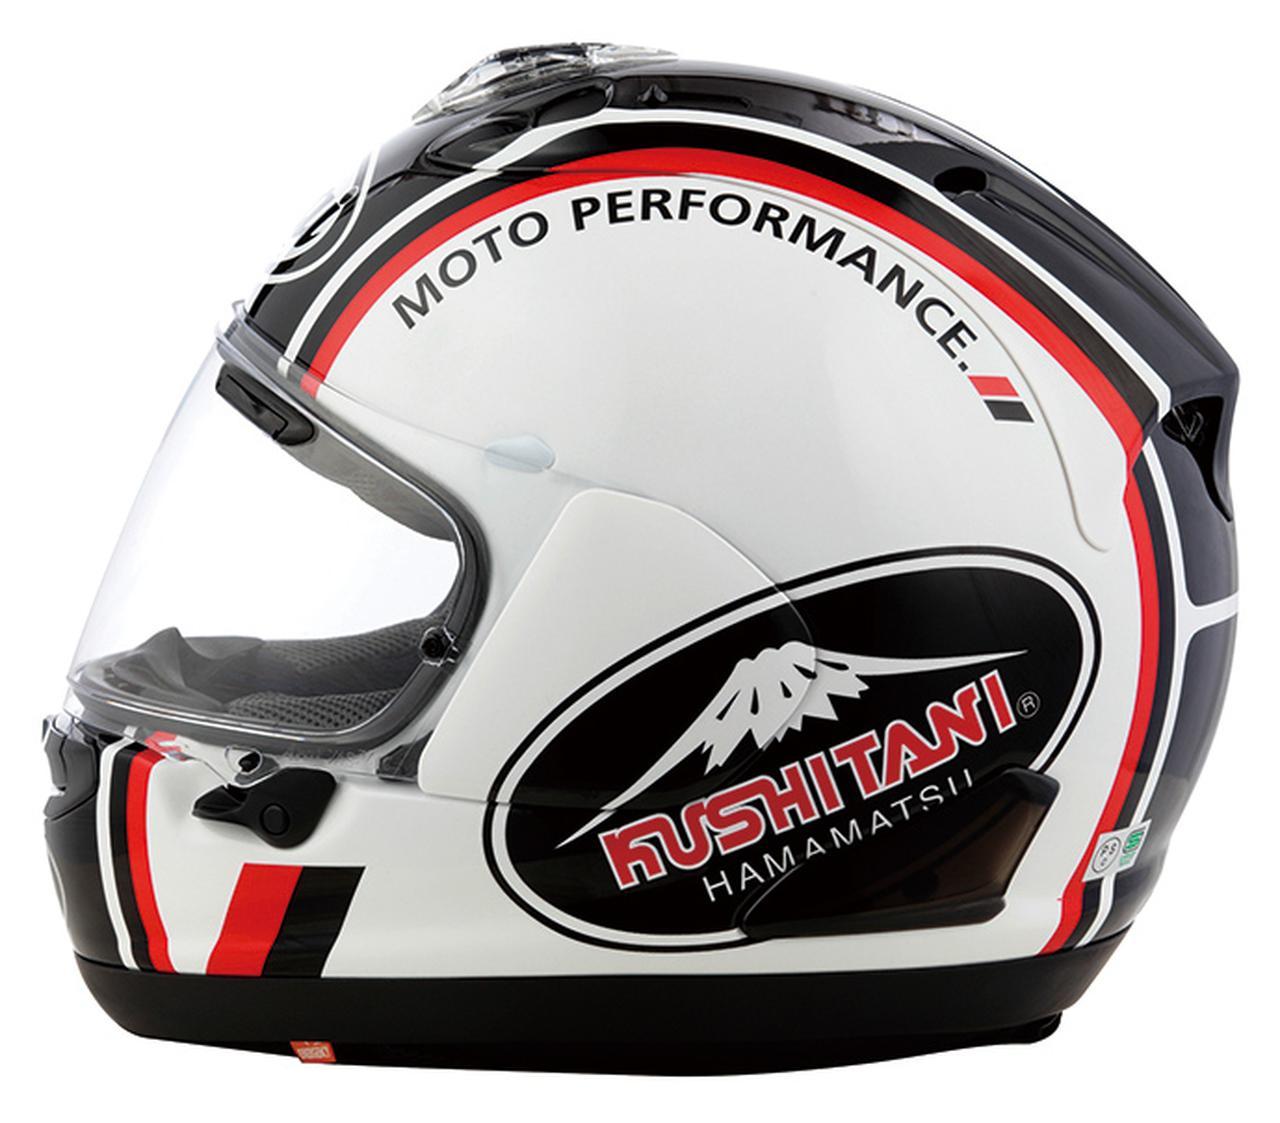 画像: 創業70周年を迎えたアニバーサリーアイテムとして登場した、限定生産の「KUSHITANI × ARAI 70th Anniversary Helmet」。ベースはアライヘルメットのRX-7Xで、価格は6万9984円。3月下旬の発売予定だが、すでにメーカーとしては予約で完売してしまった。欲しい人は店頭在庫を探すしかないかも。